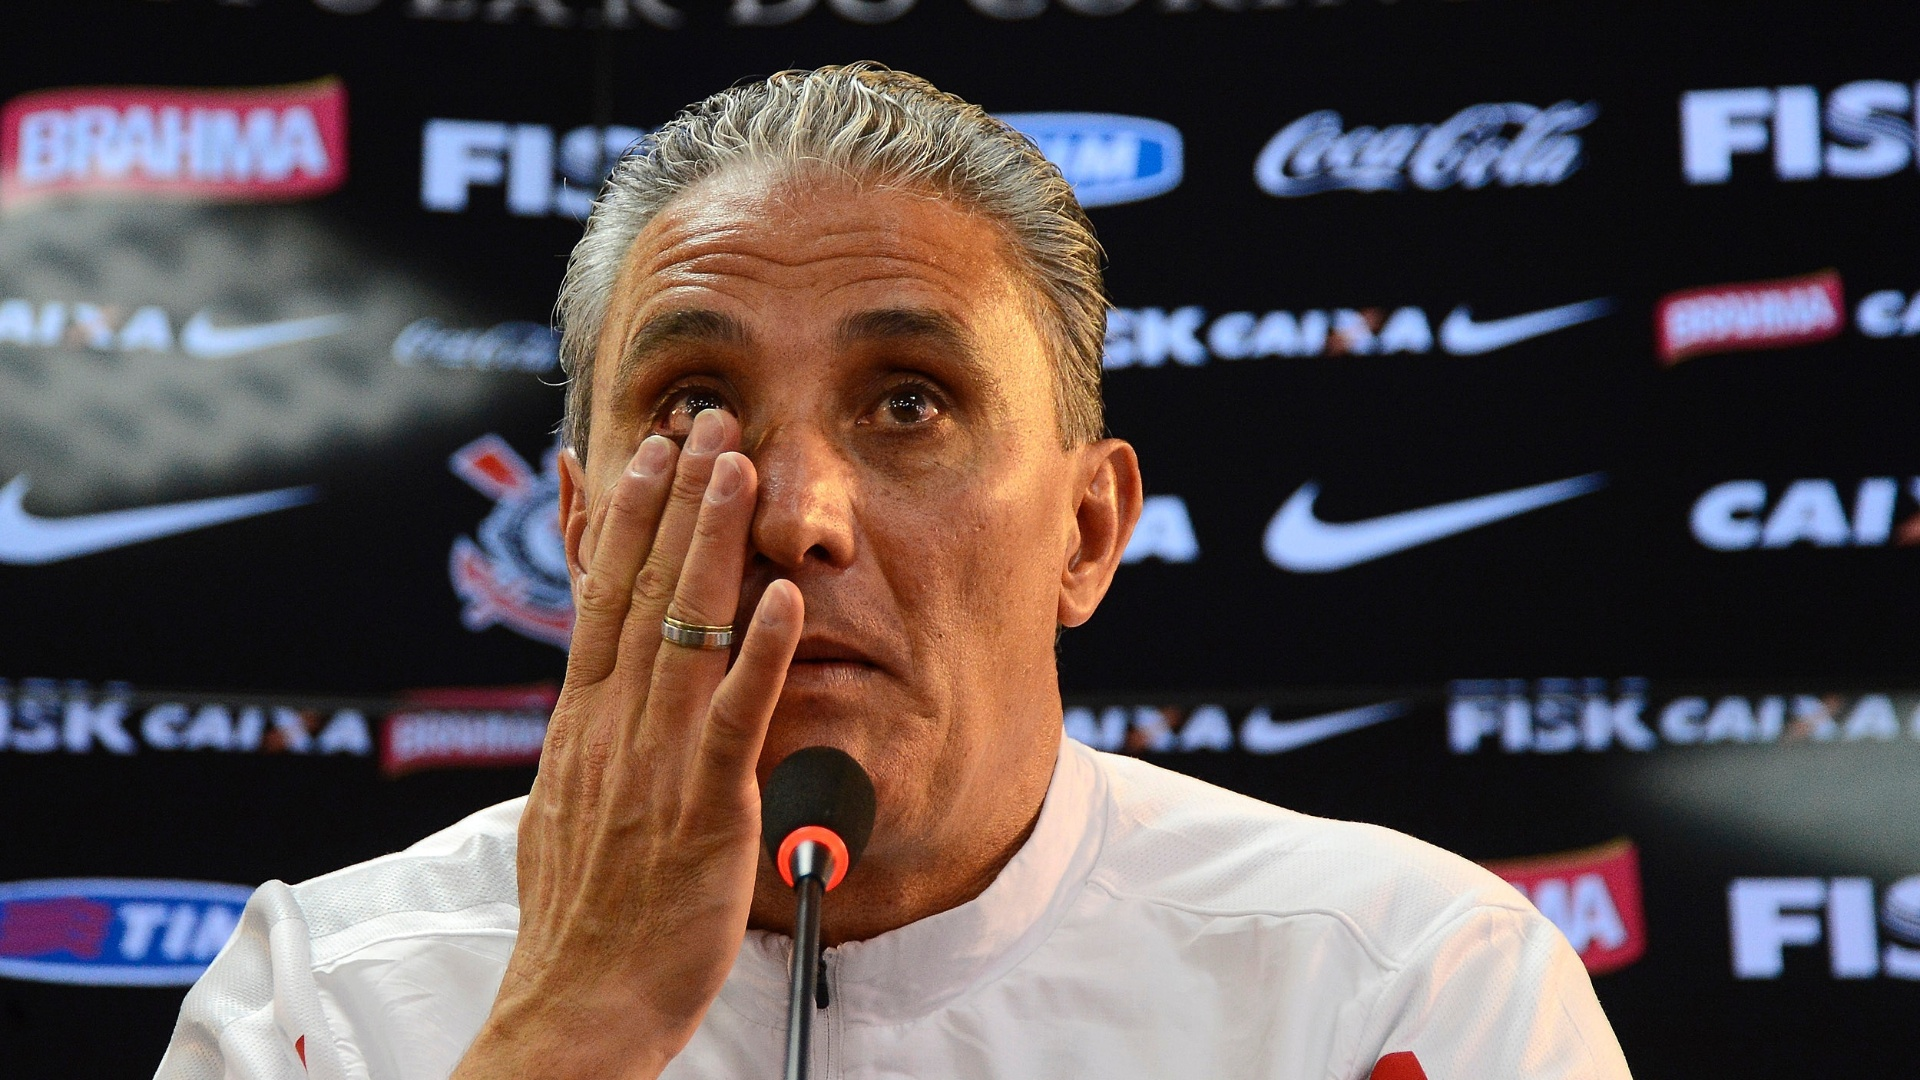 15.nov.2013 - Tite se emociona durante a coletiva em que confirmou que não terá seu contrato com o Corinthians renovado ao final deste ano